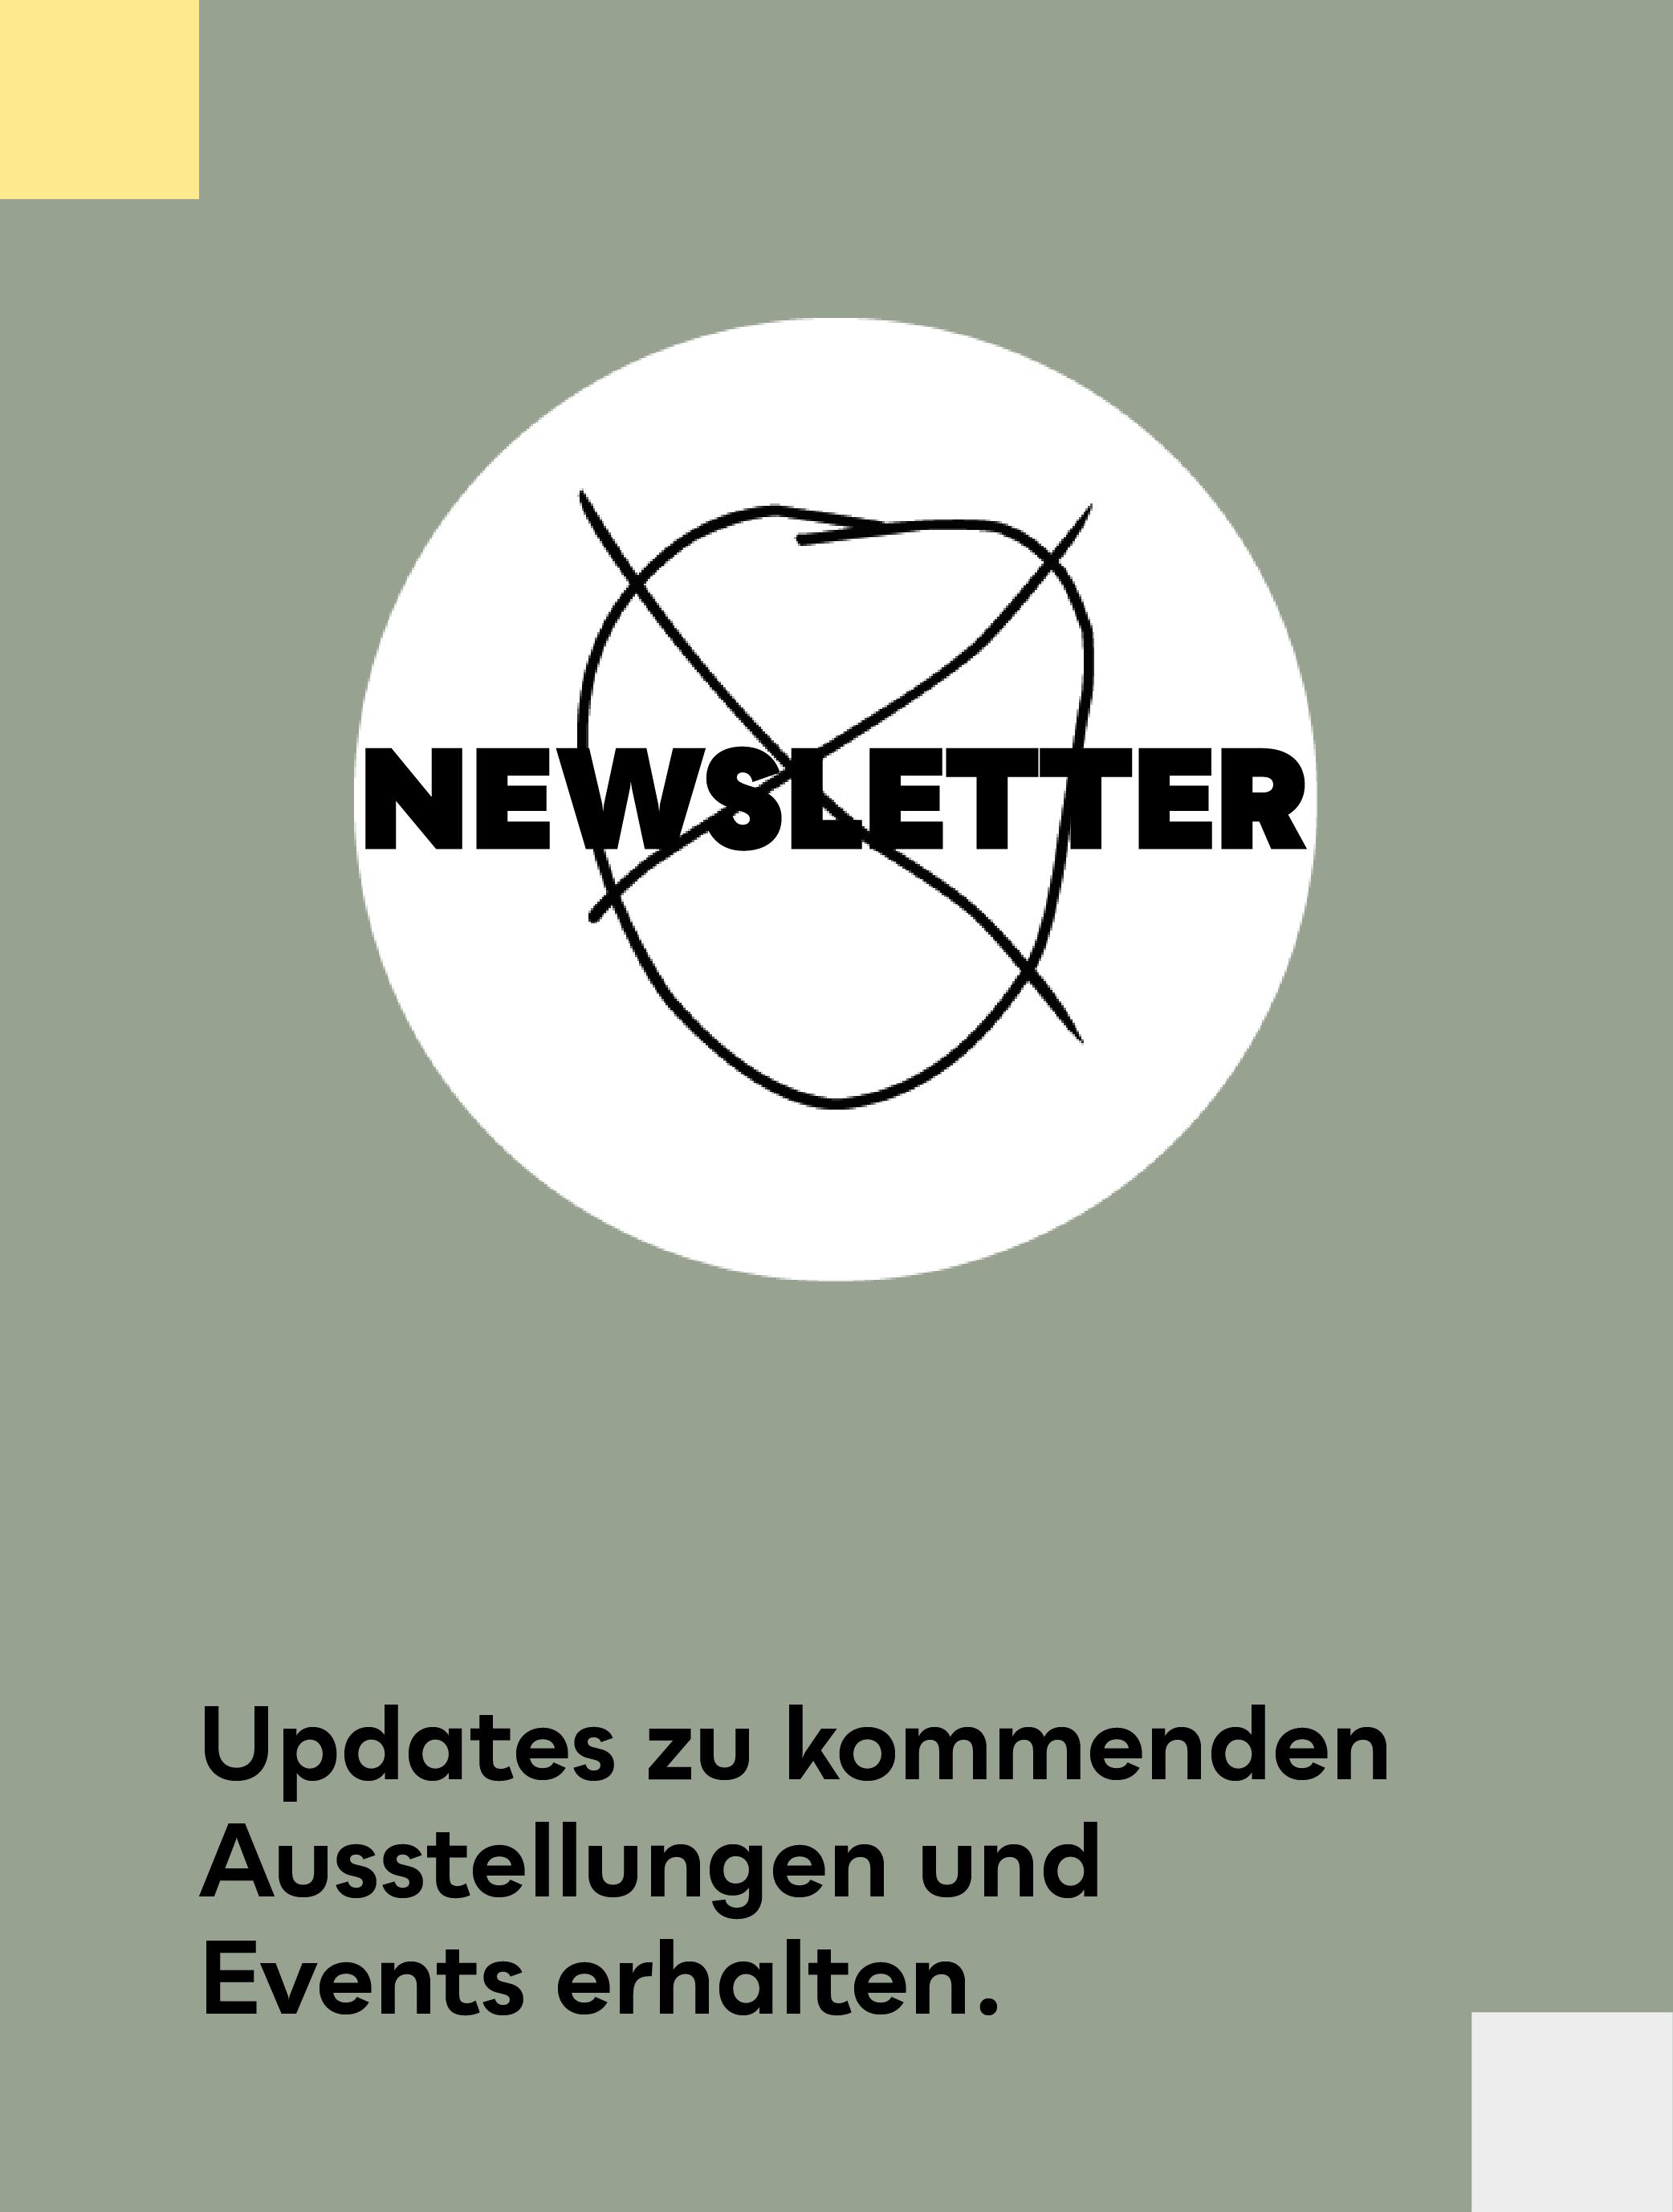 Updates zu kommenden Ausstellungen und Events erhalten